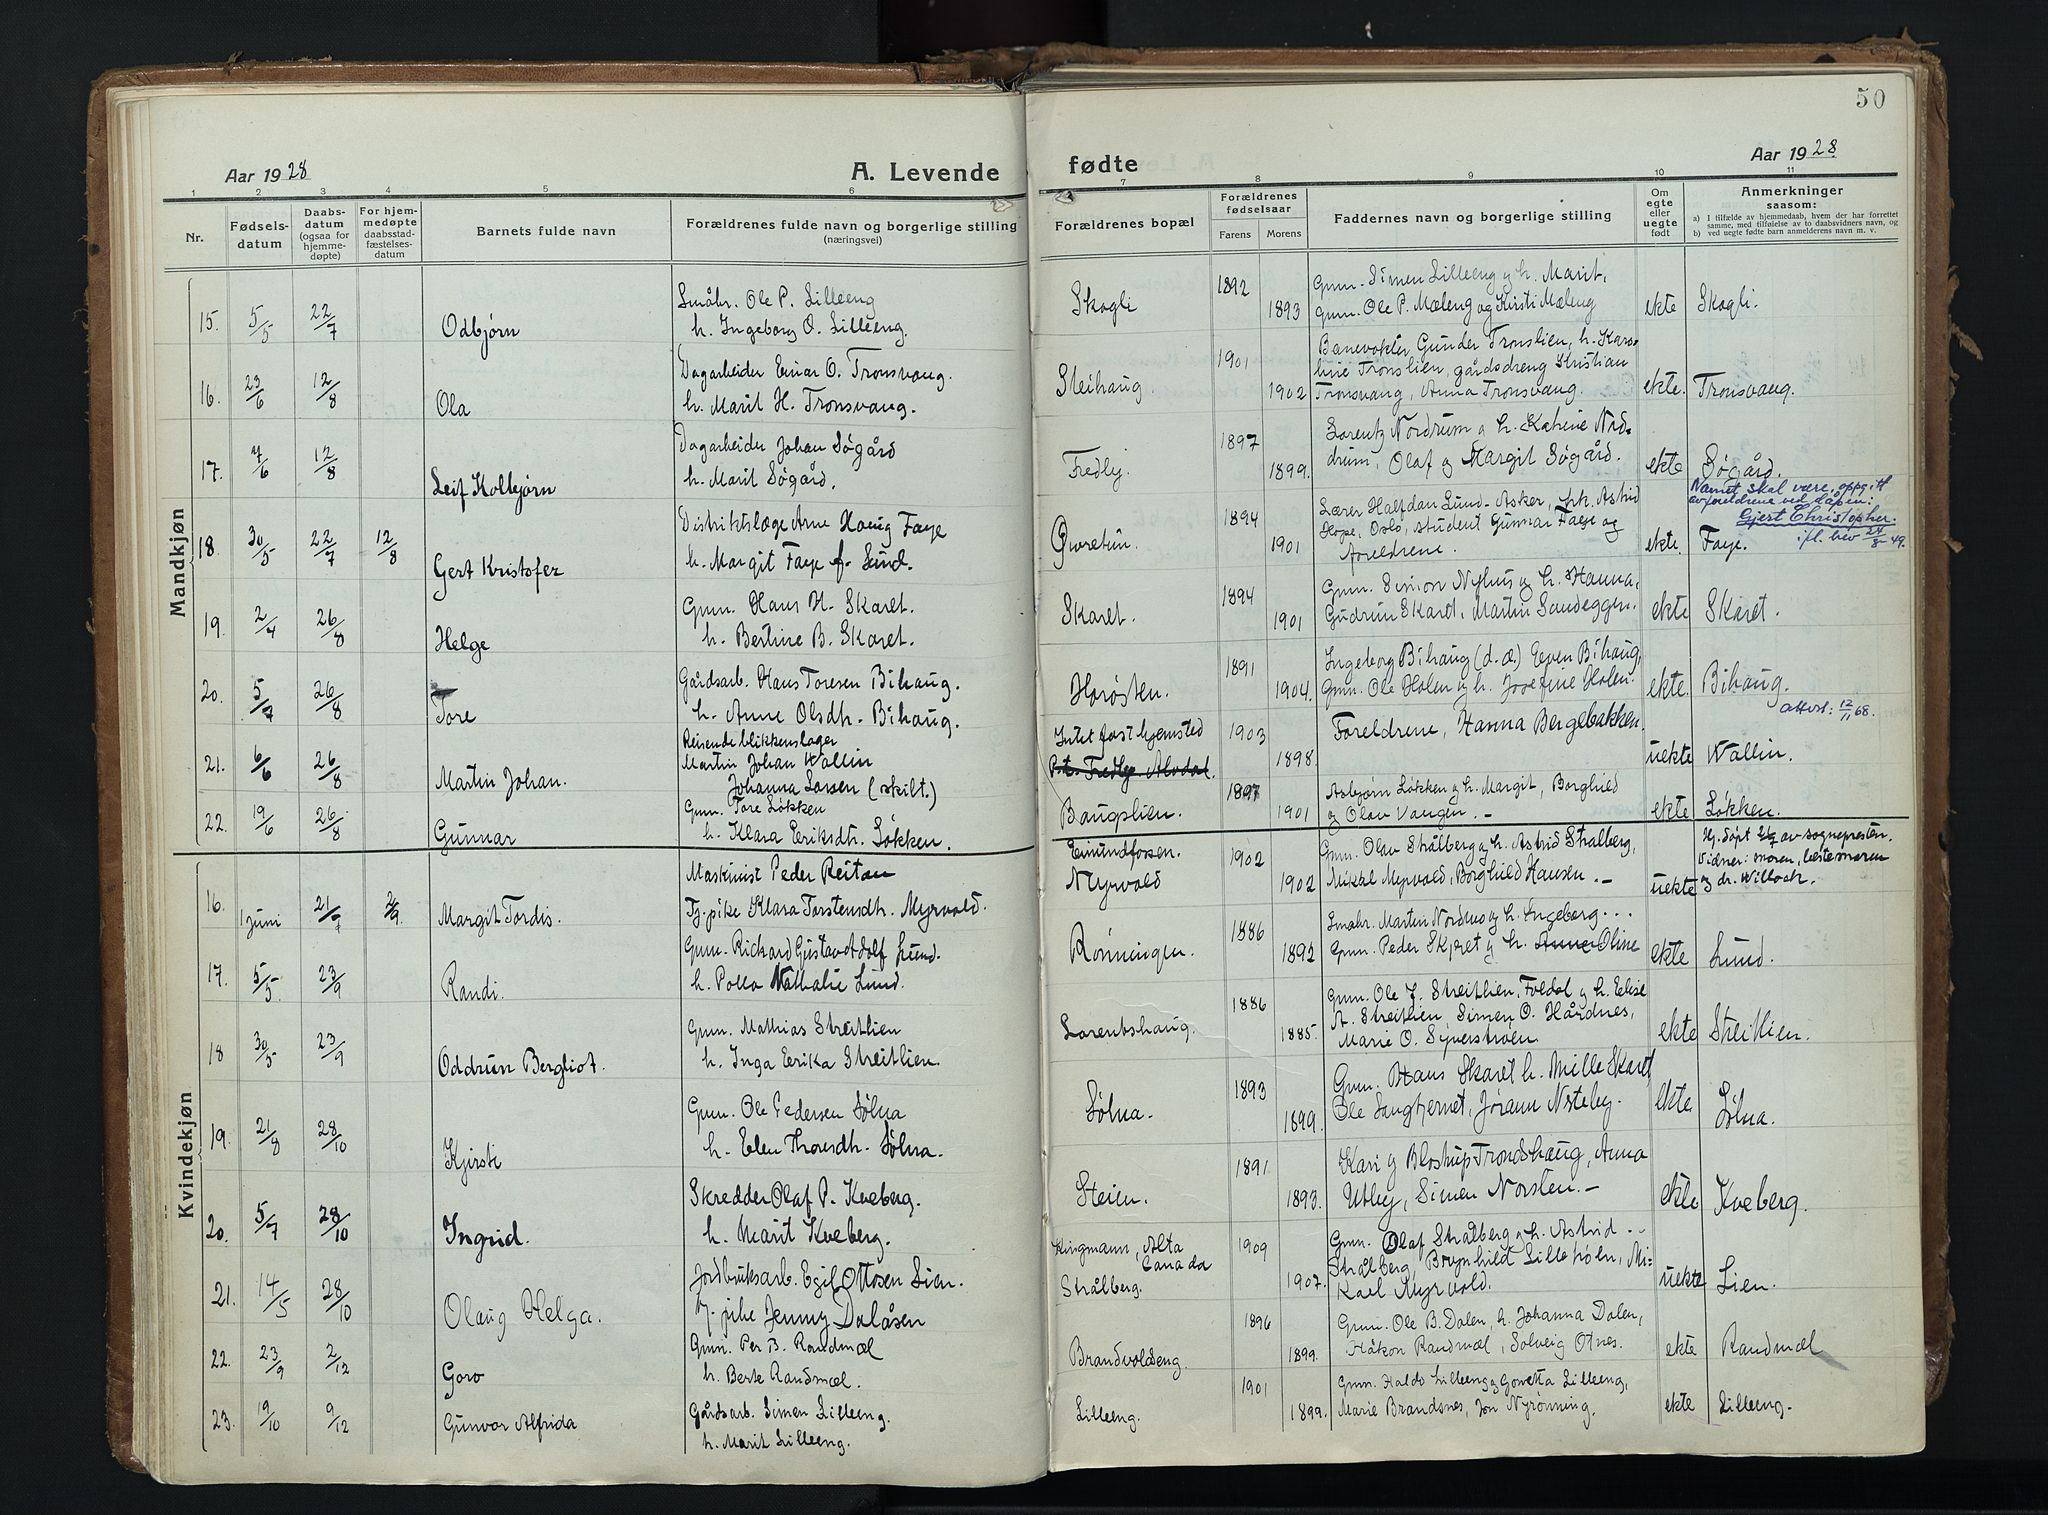 SAH, Alvdal prestekontor, Ministerialbok nr. 6, 1920-1937, s. 50